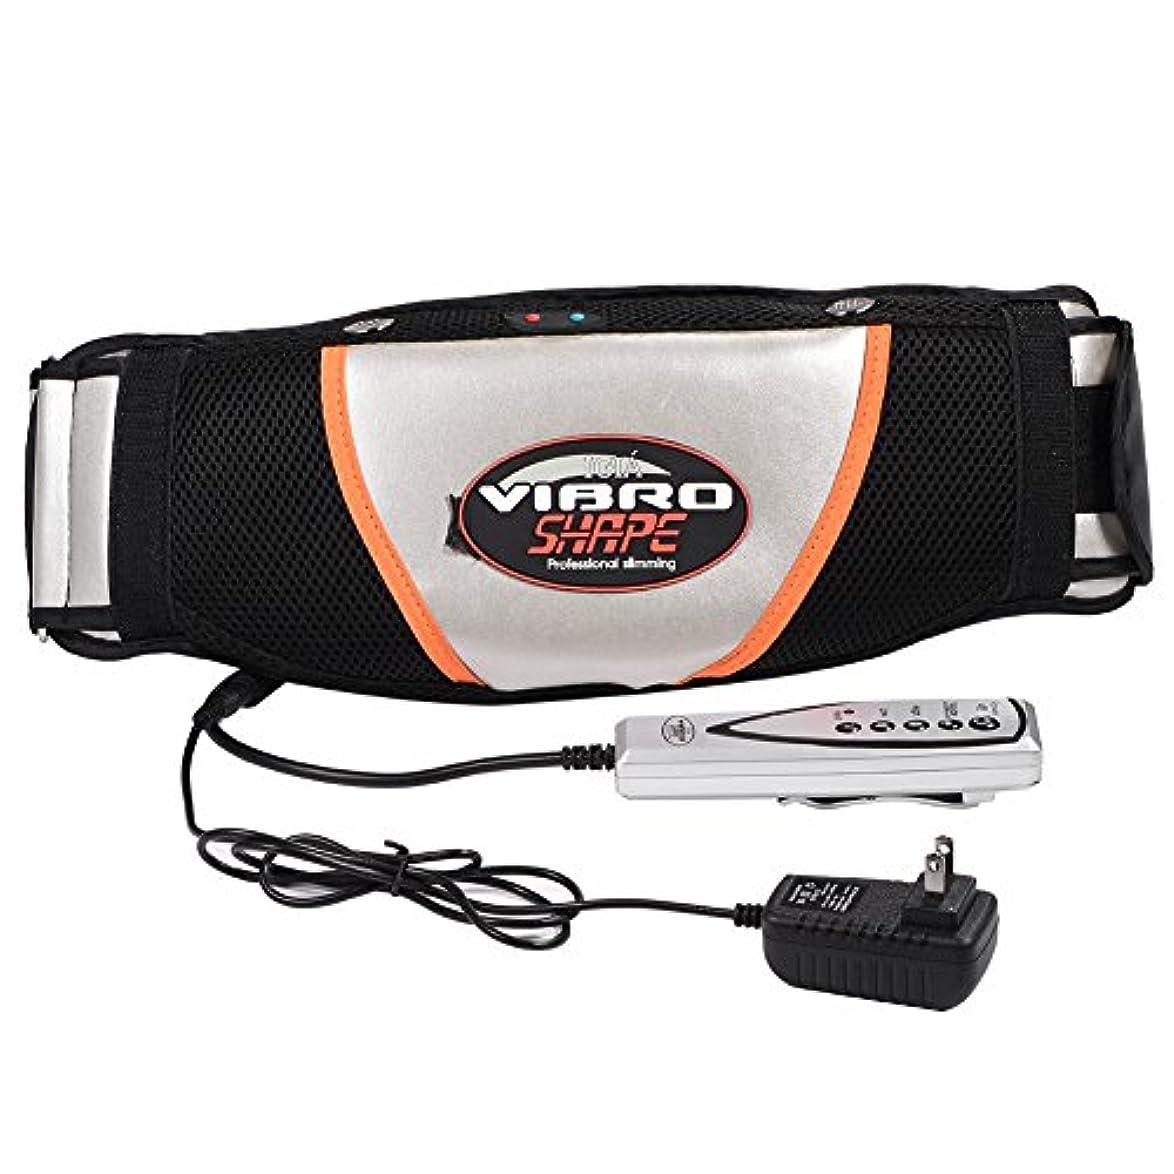 腹部マッサージャー ベルト 振動 ウエスト 腹部 筋肉 マッサージャー 電気ウエスト トレーナー トレーニング ベルト スマート リモコン操作 使用便利